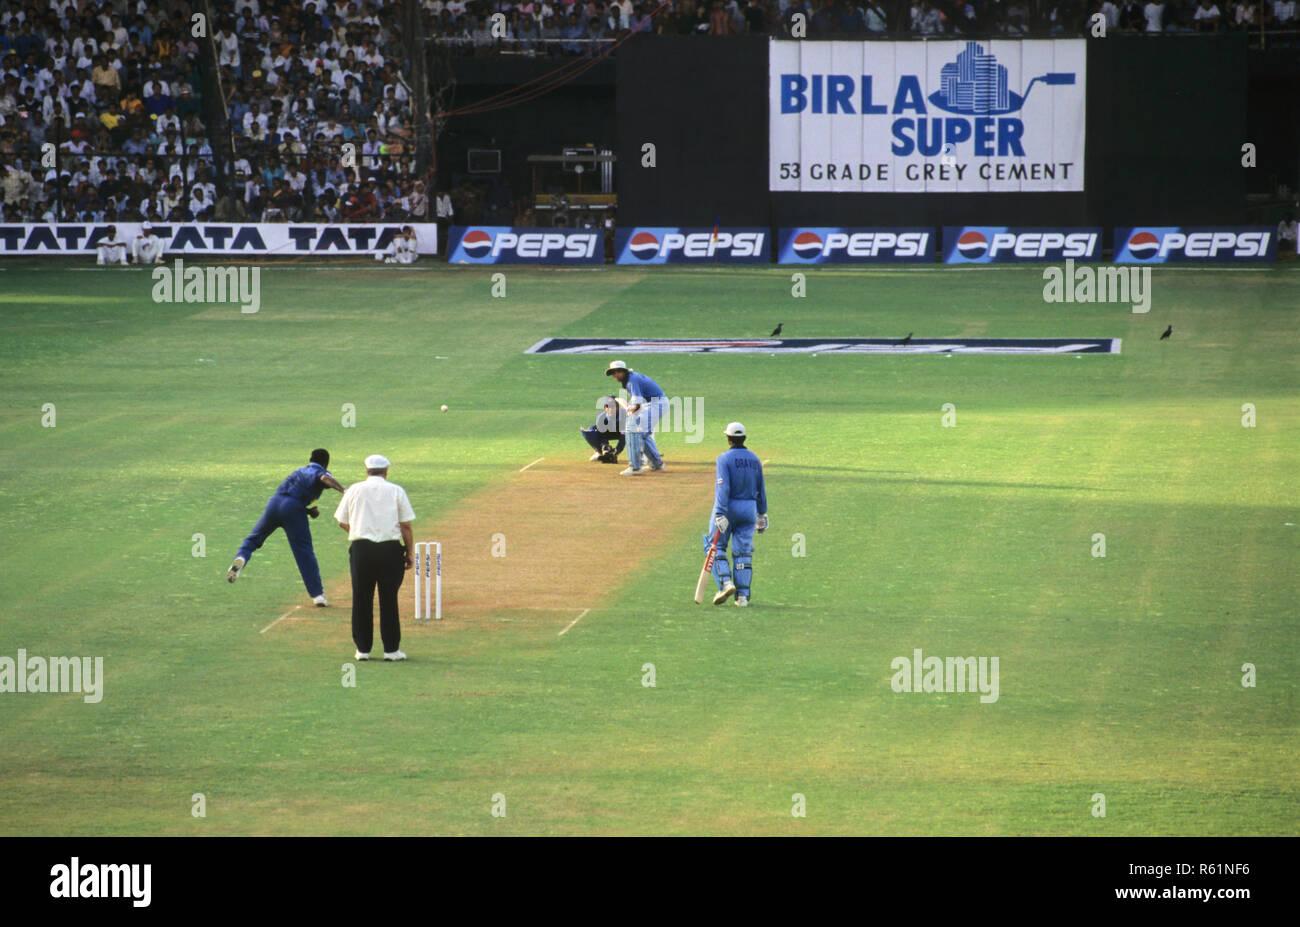 Cricket match at Wankhede, Mumbai, Maharashtra Stock Photo